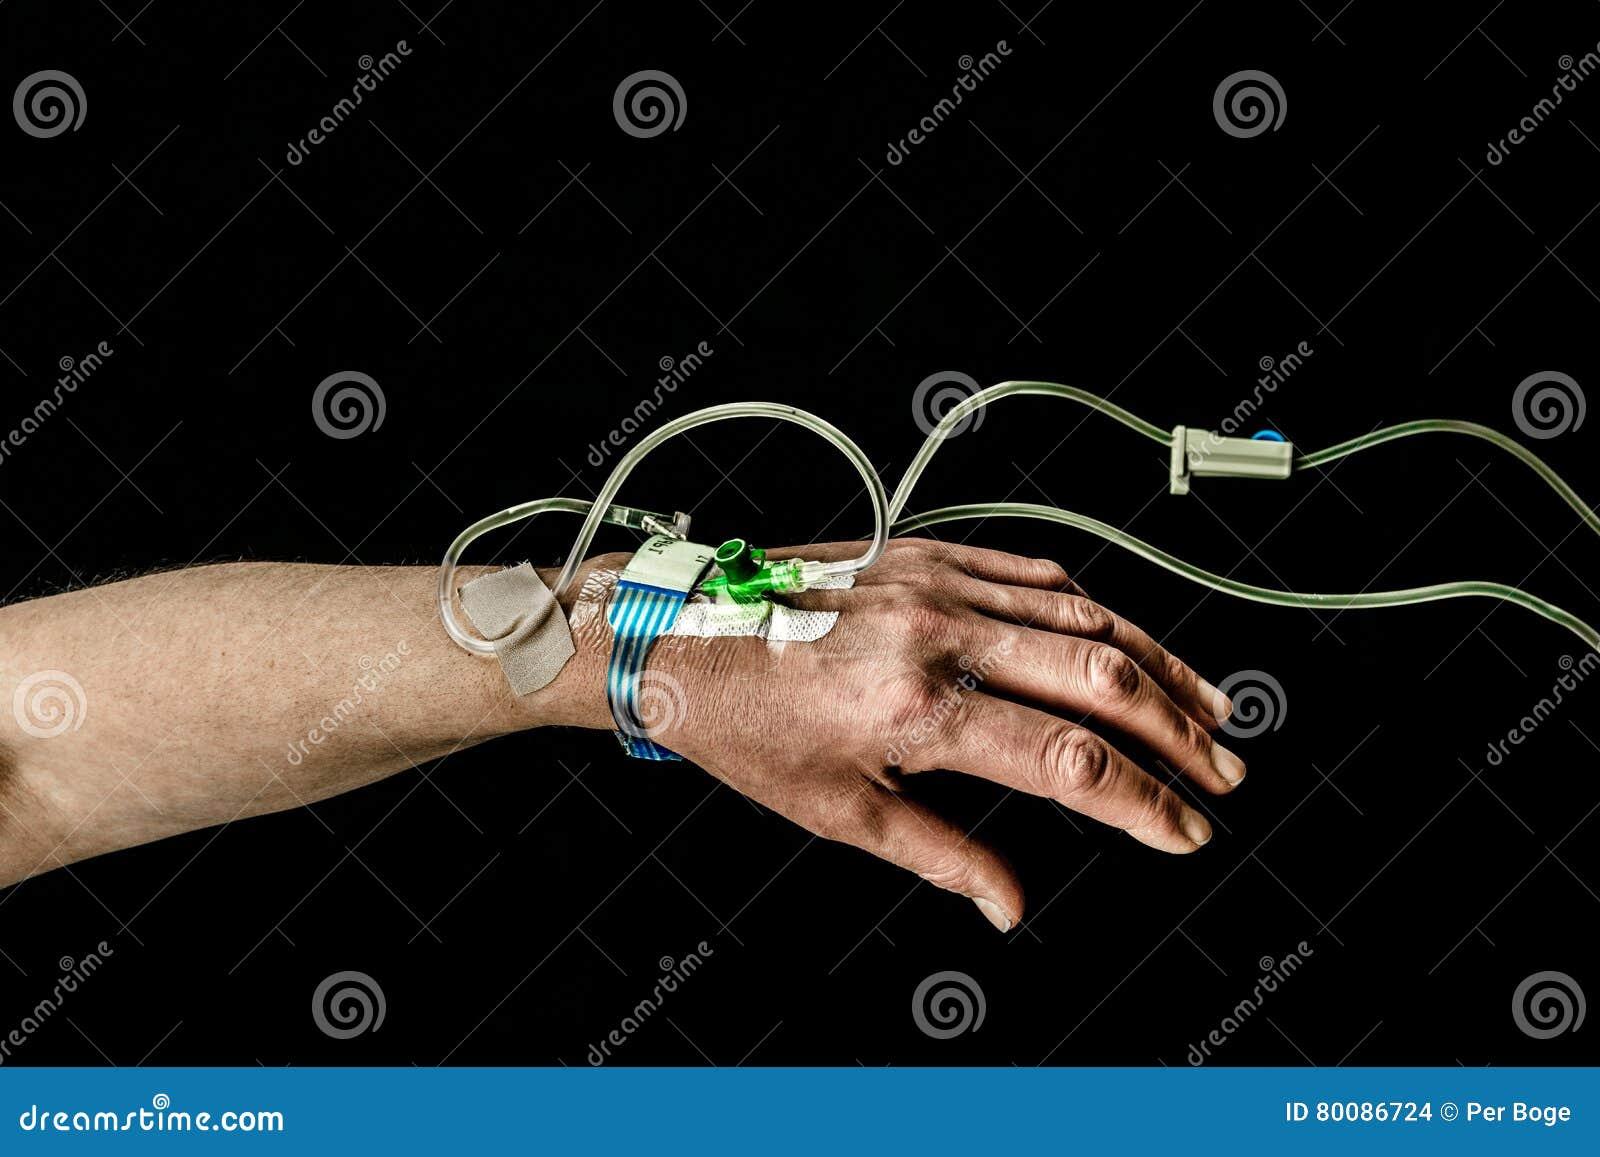 Χέρι και μπράτσο του ασθενή με IV θεραπεία στο μαύρο υπόβαθρο